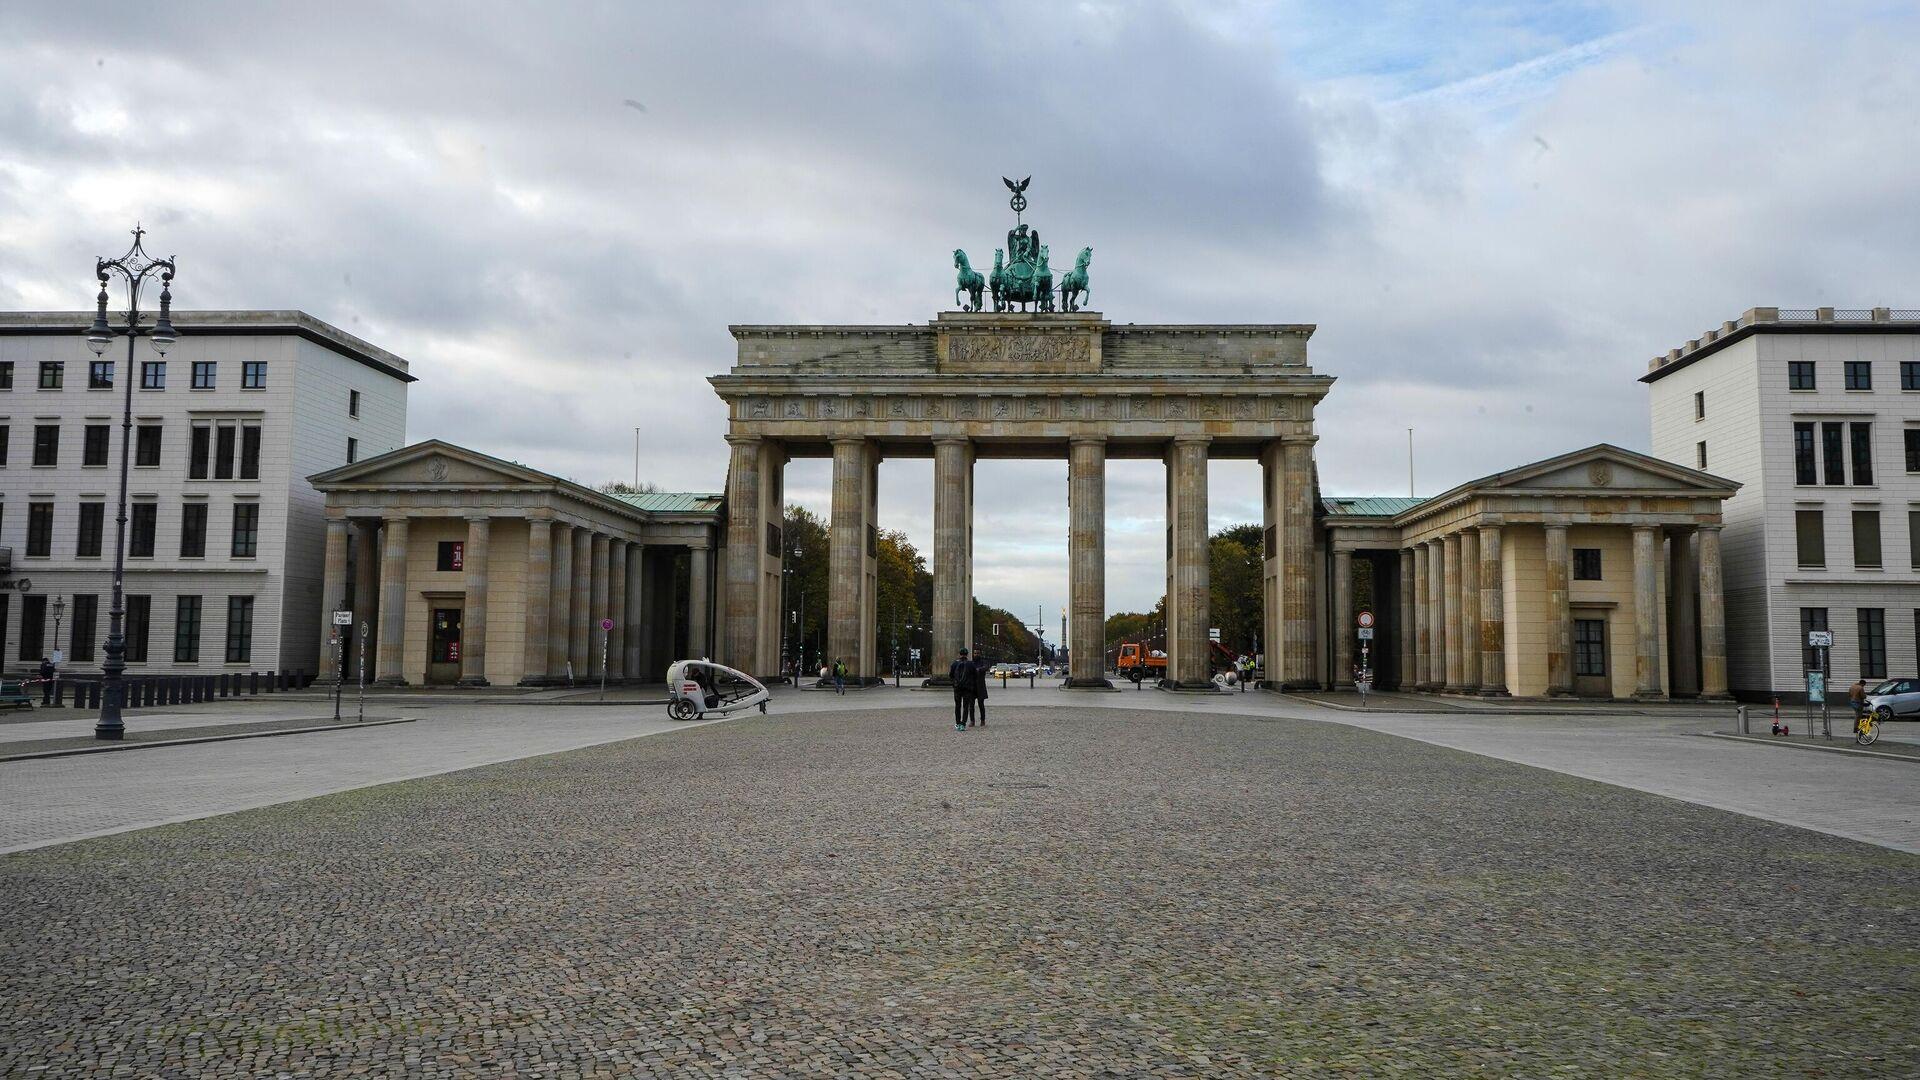 Пустая улица перед Бранденбургскими воротами в Берлине во время карантина, введенного в связи с коронавирусом - РИА Новости, 1920, 17.01.2021